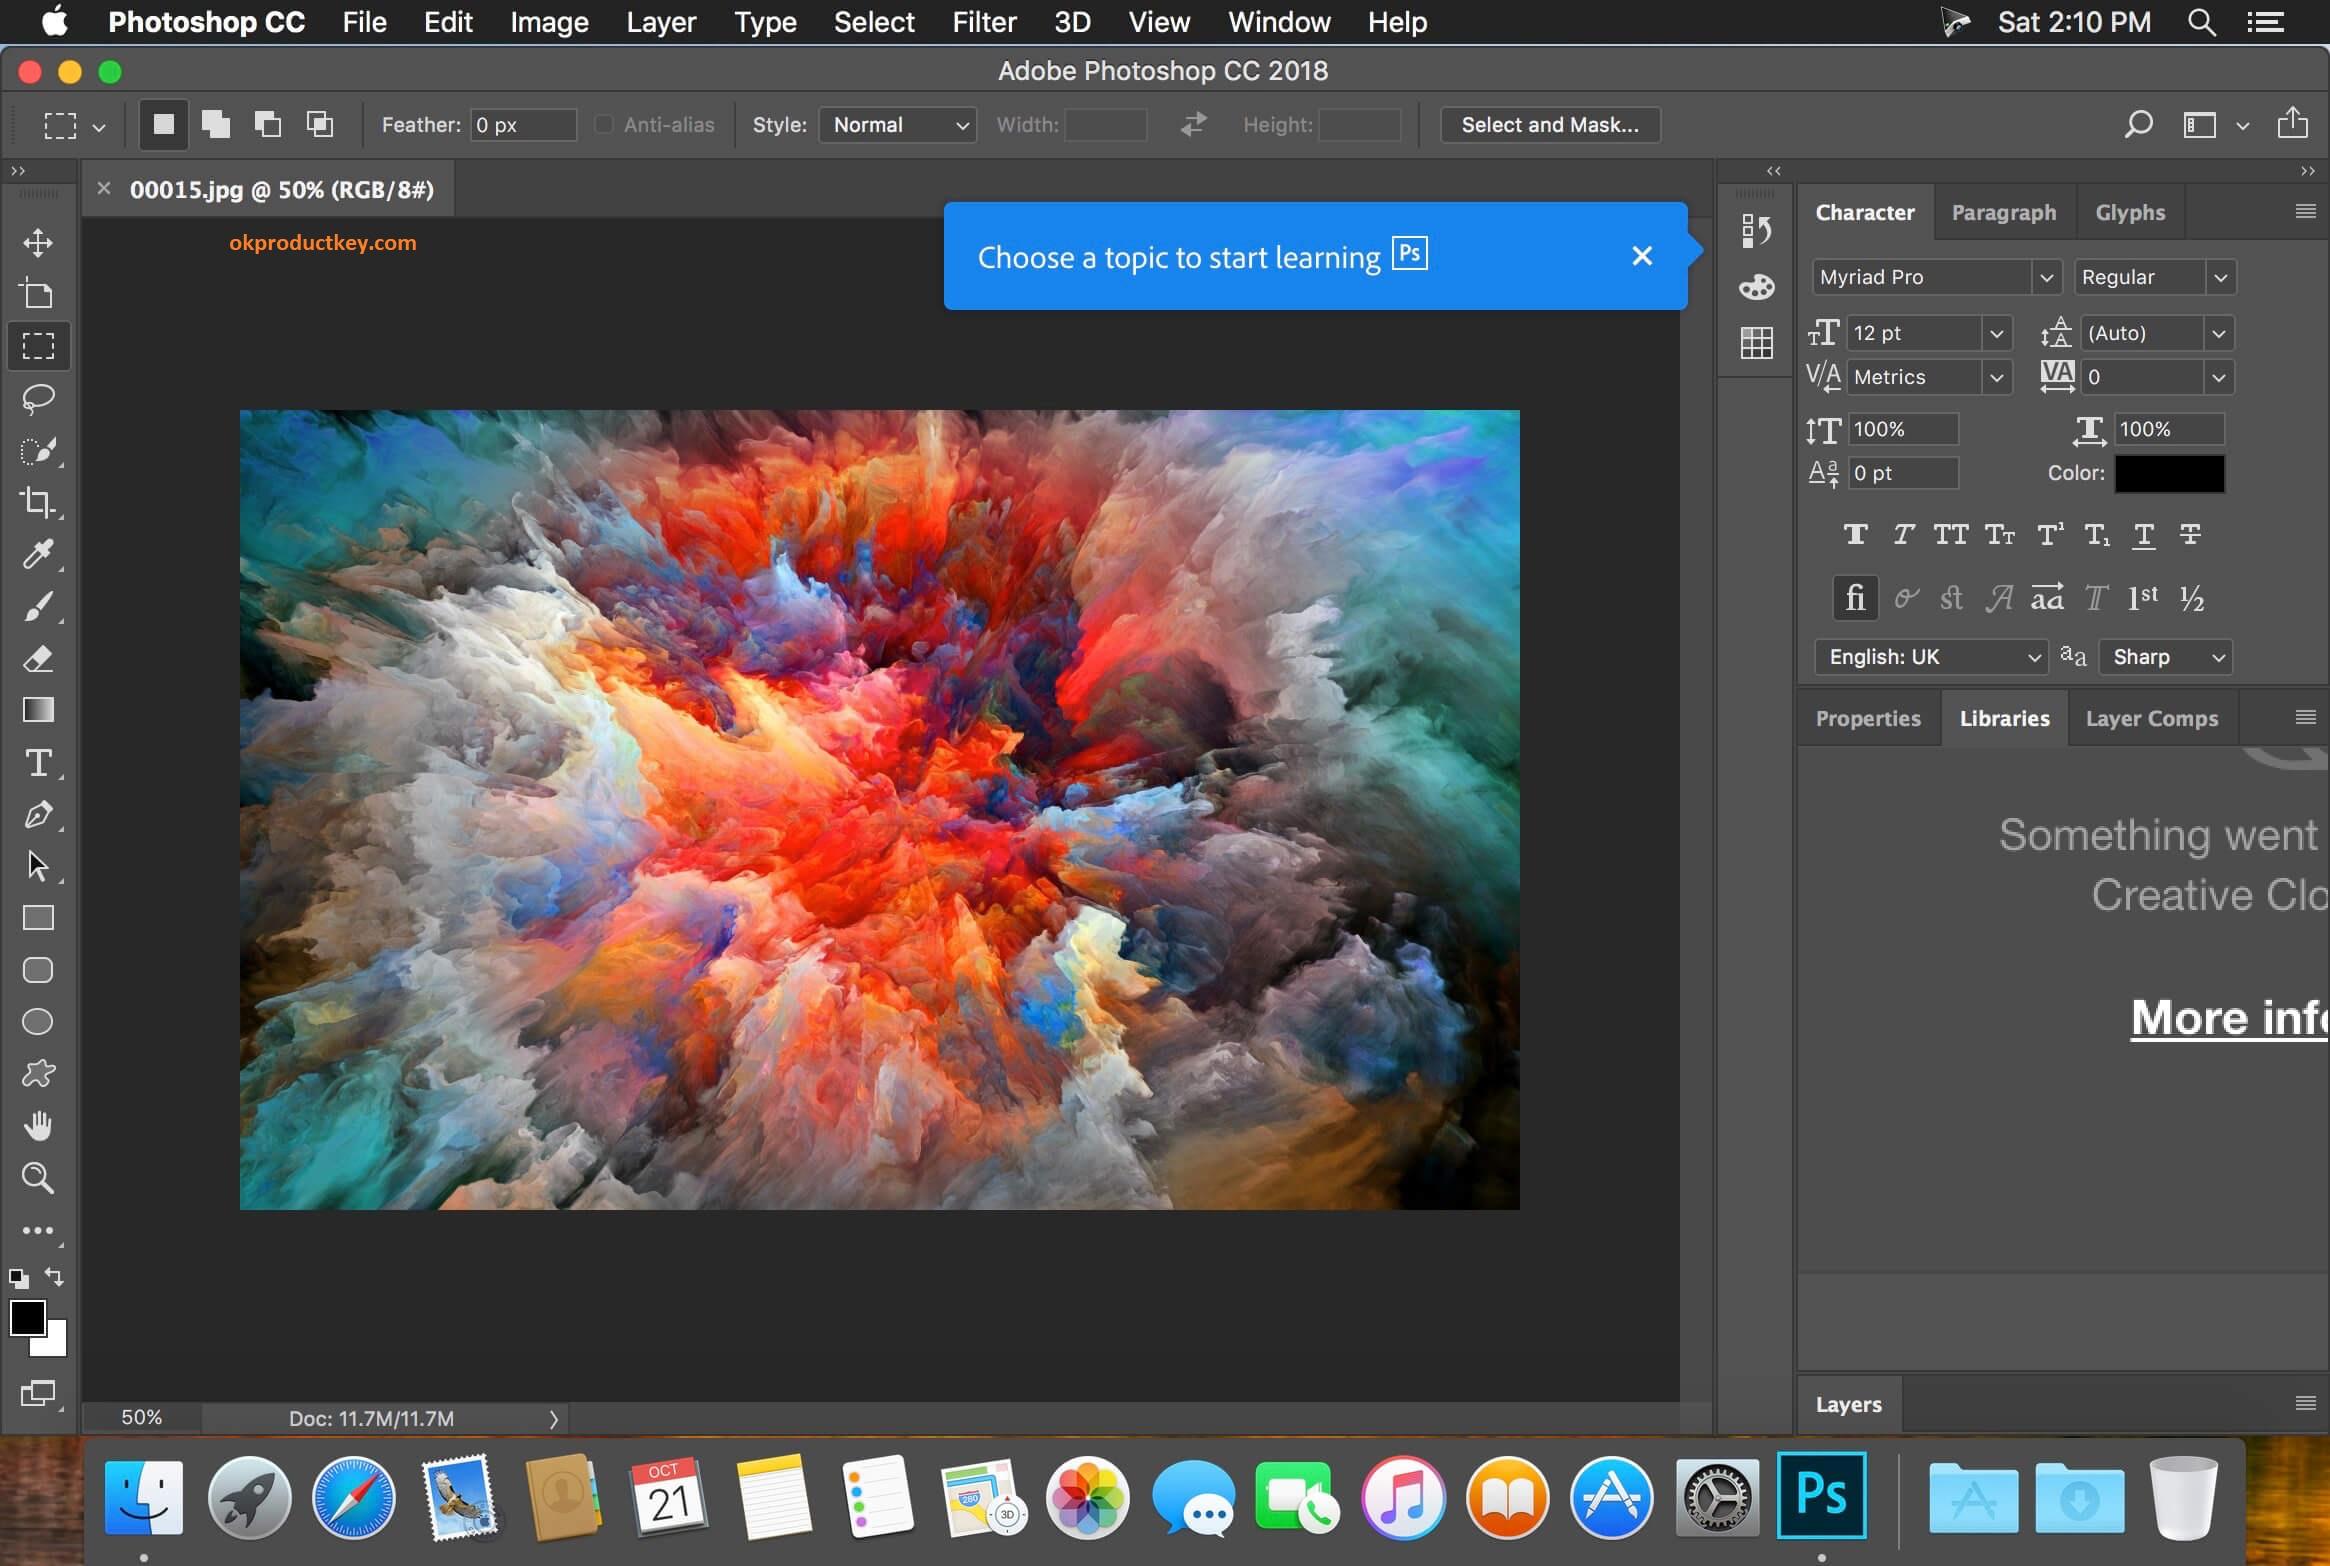 Adobe Photoshop Crack v22.3.1.122 + Activation Key Free Download 2021